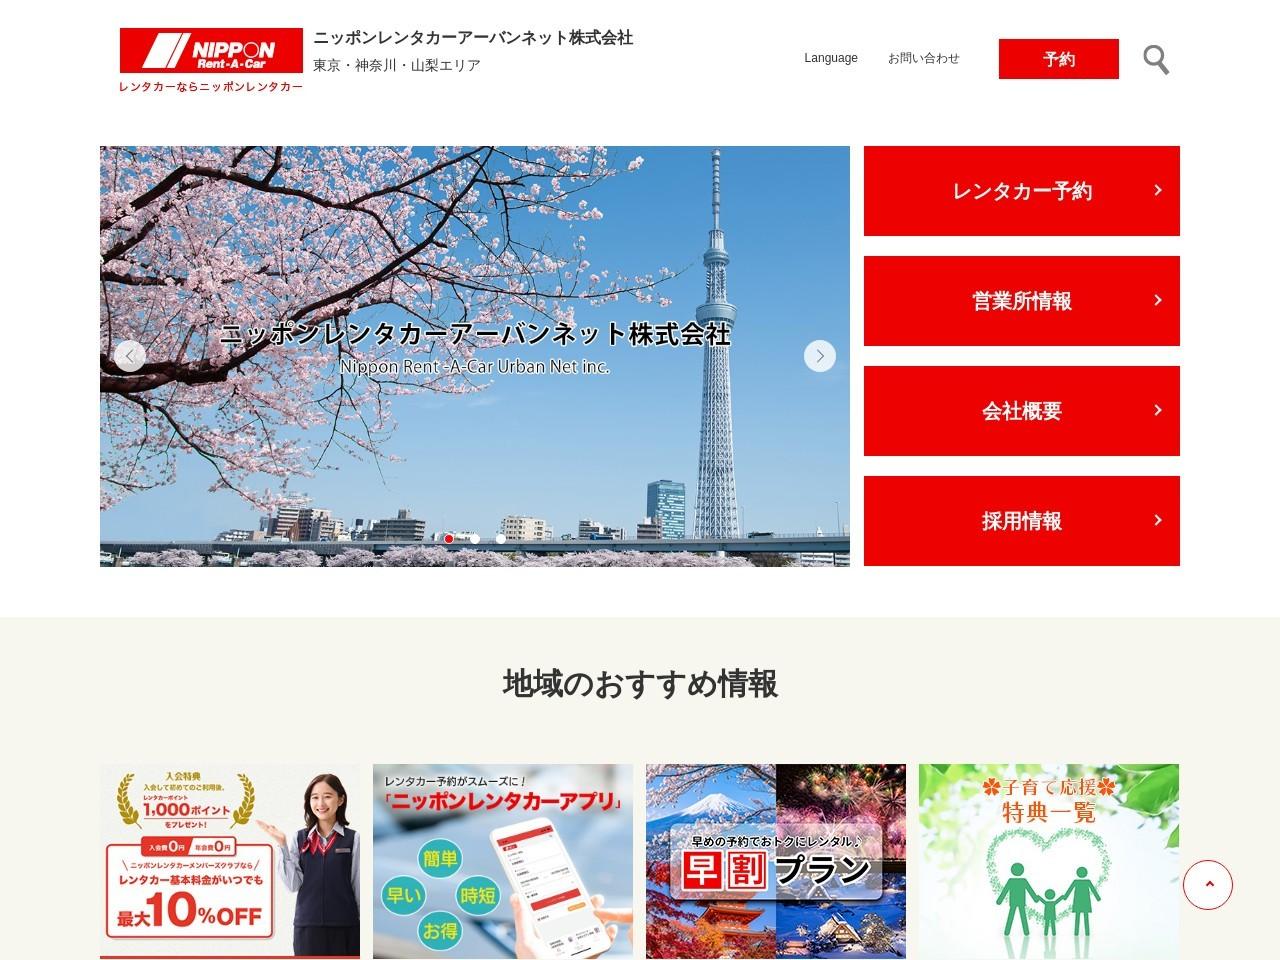 ニッポンレンタカー/京成佐倉営業所